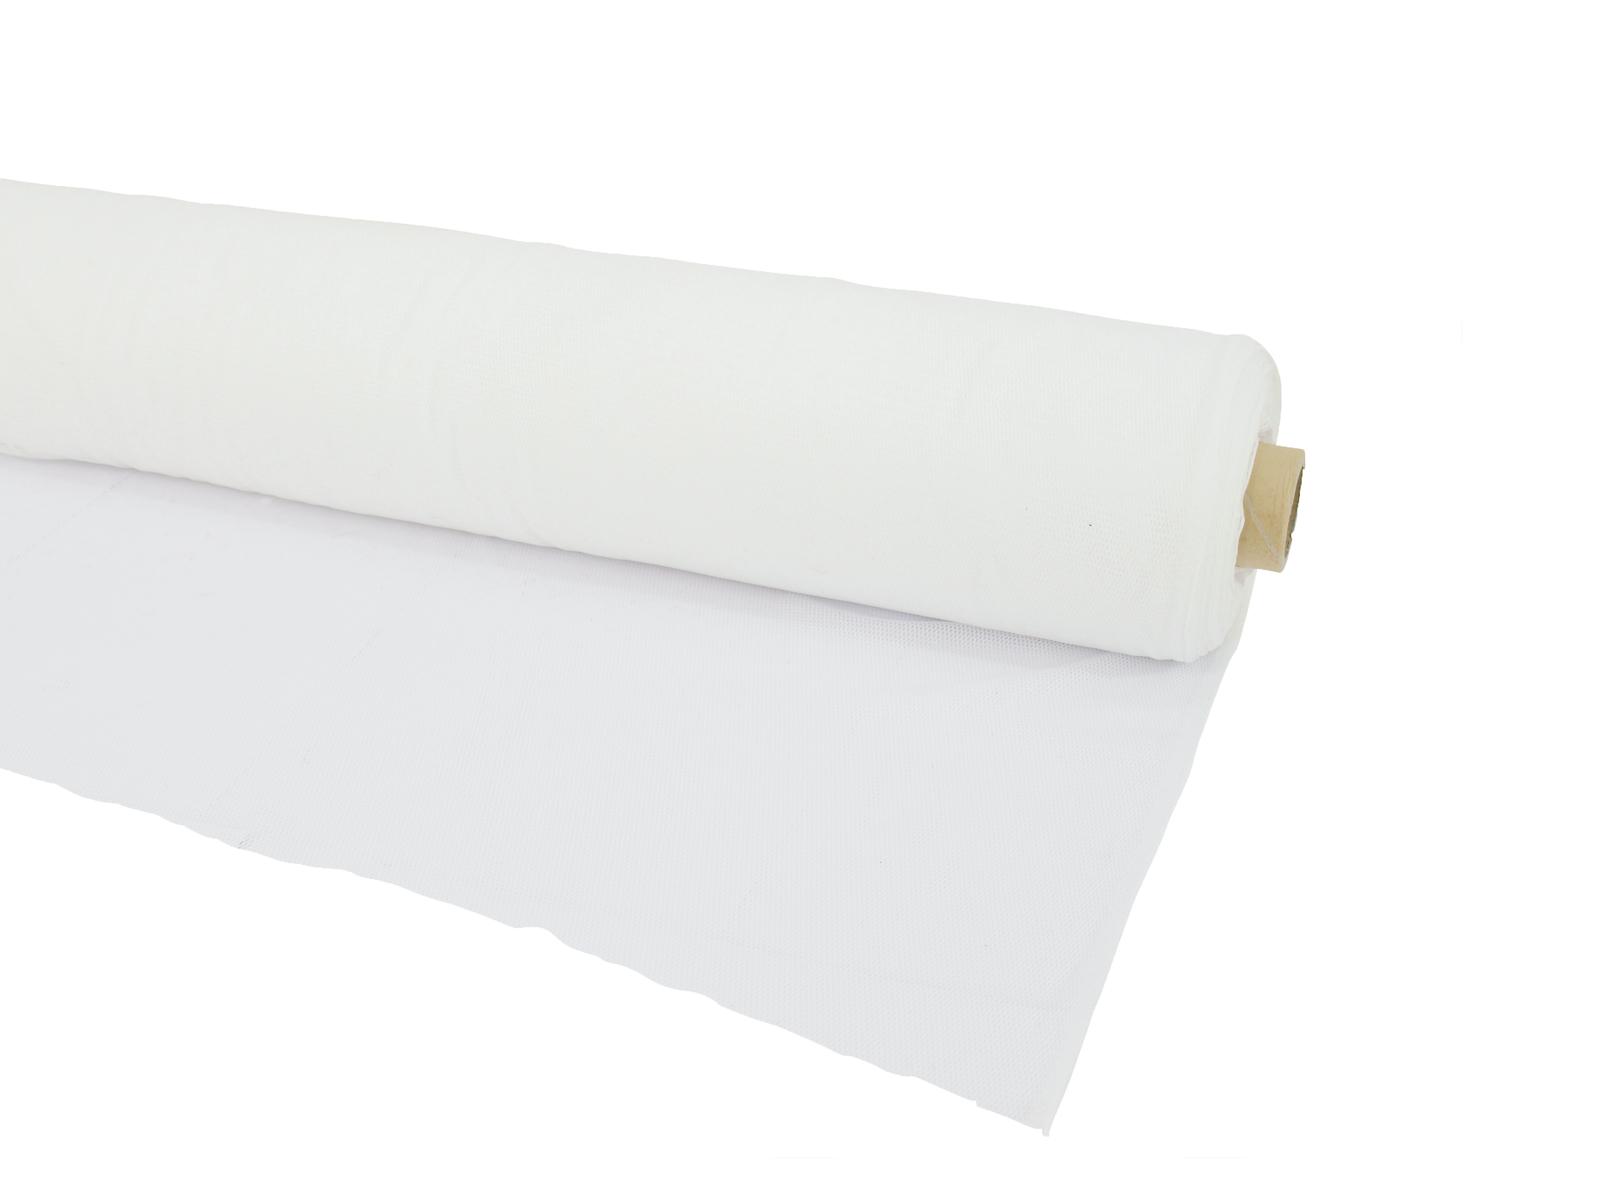 Vodopropustná zakrývací tkanina, 300x100 cm, bílá